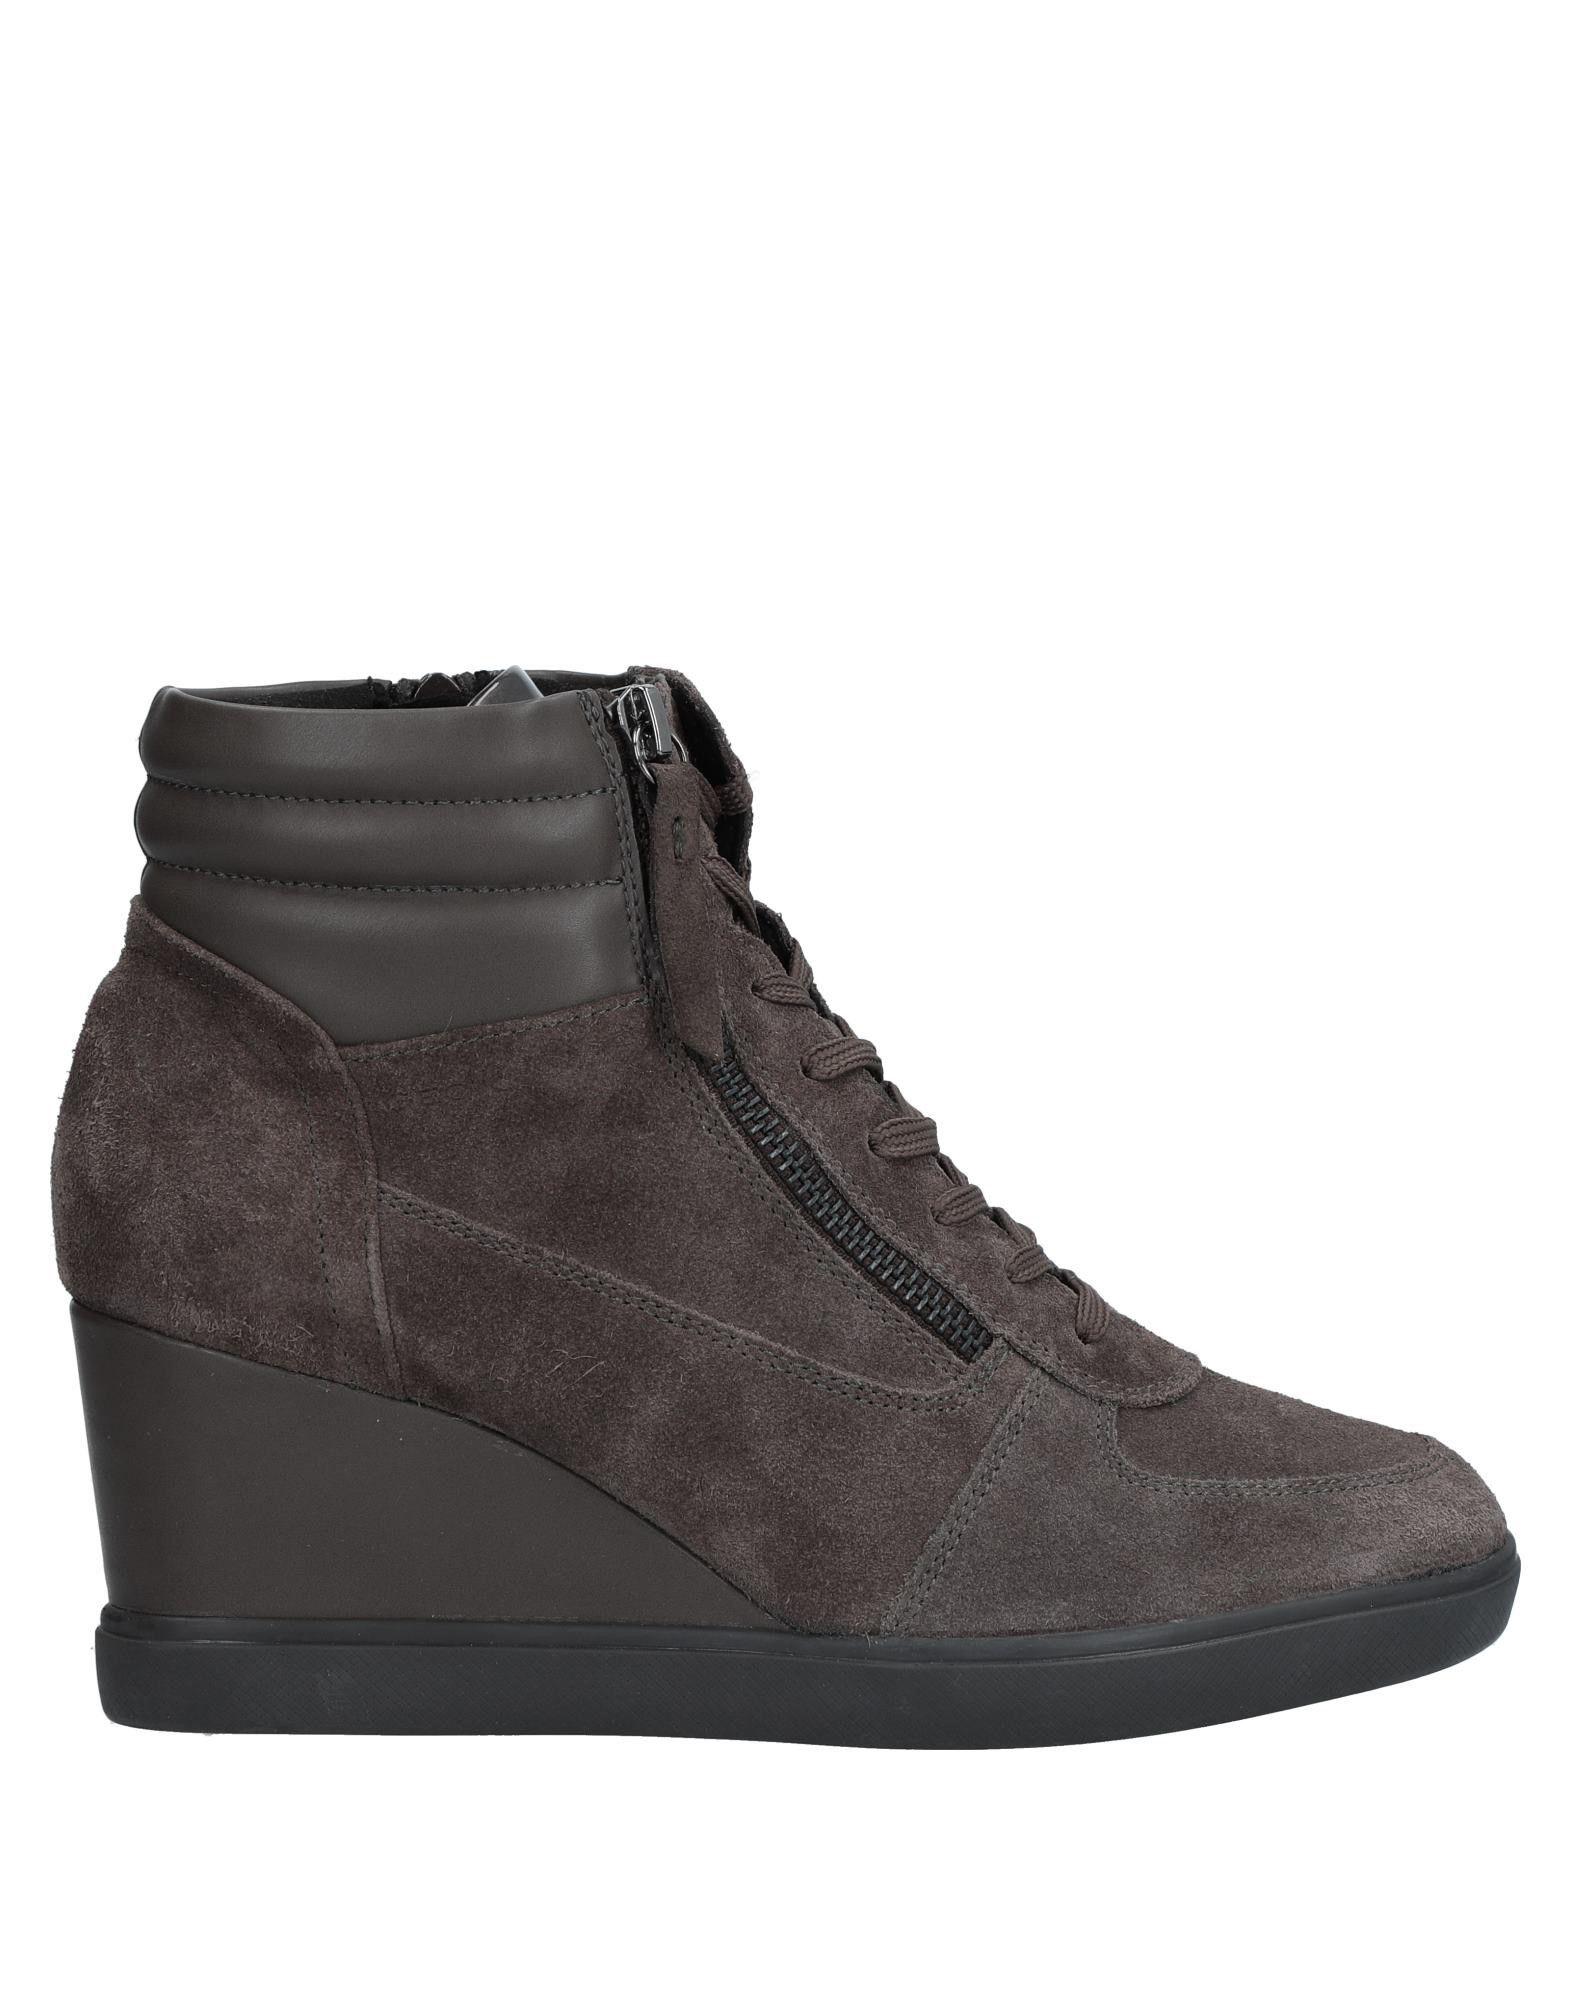 Gran descuento Zapatillas Geox Mujer - Geox Zapatillas Geox -  Café 359c0b